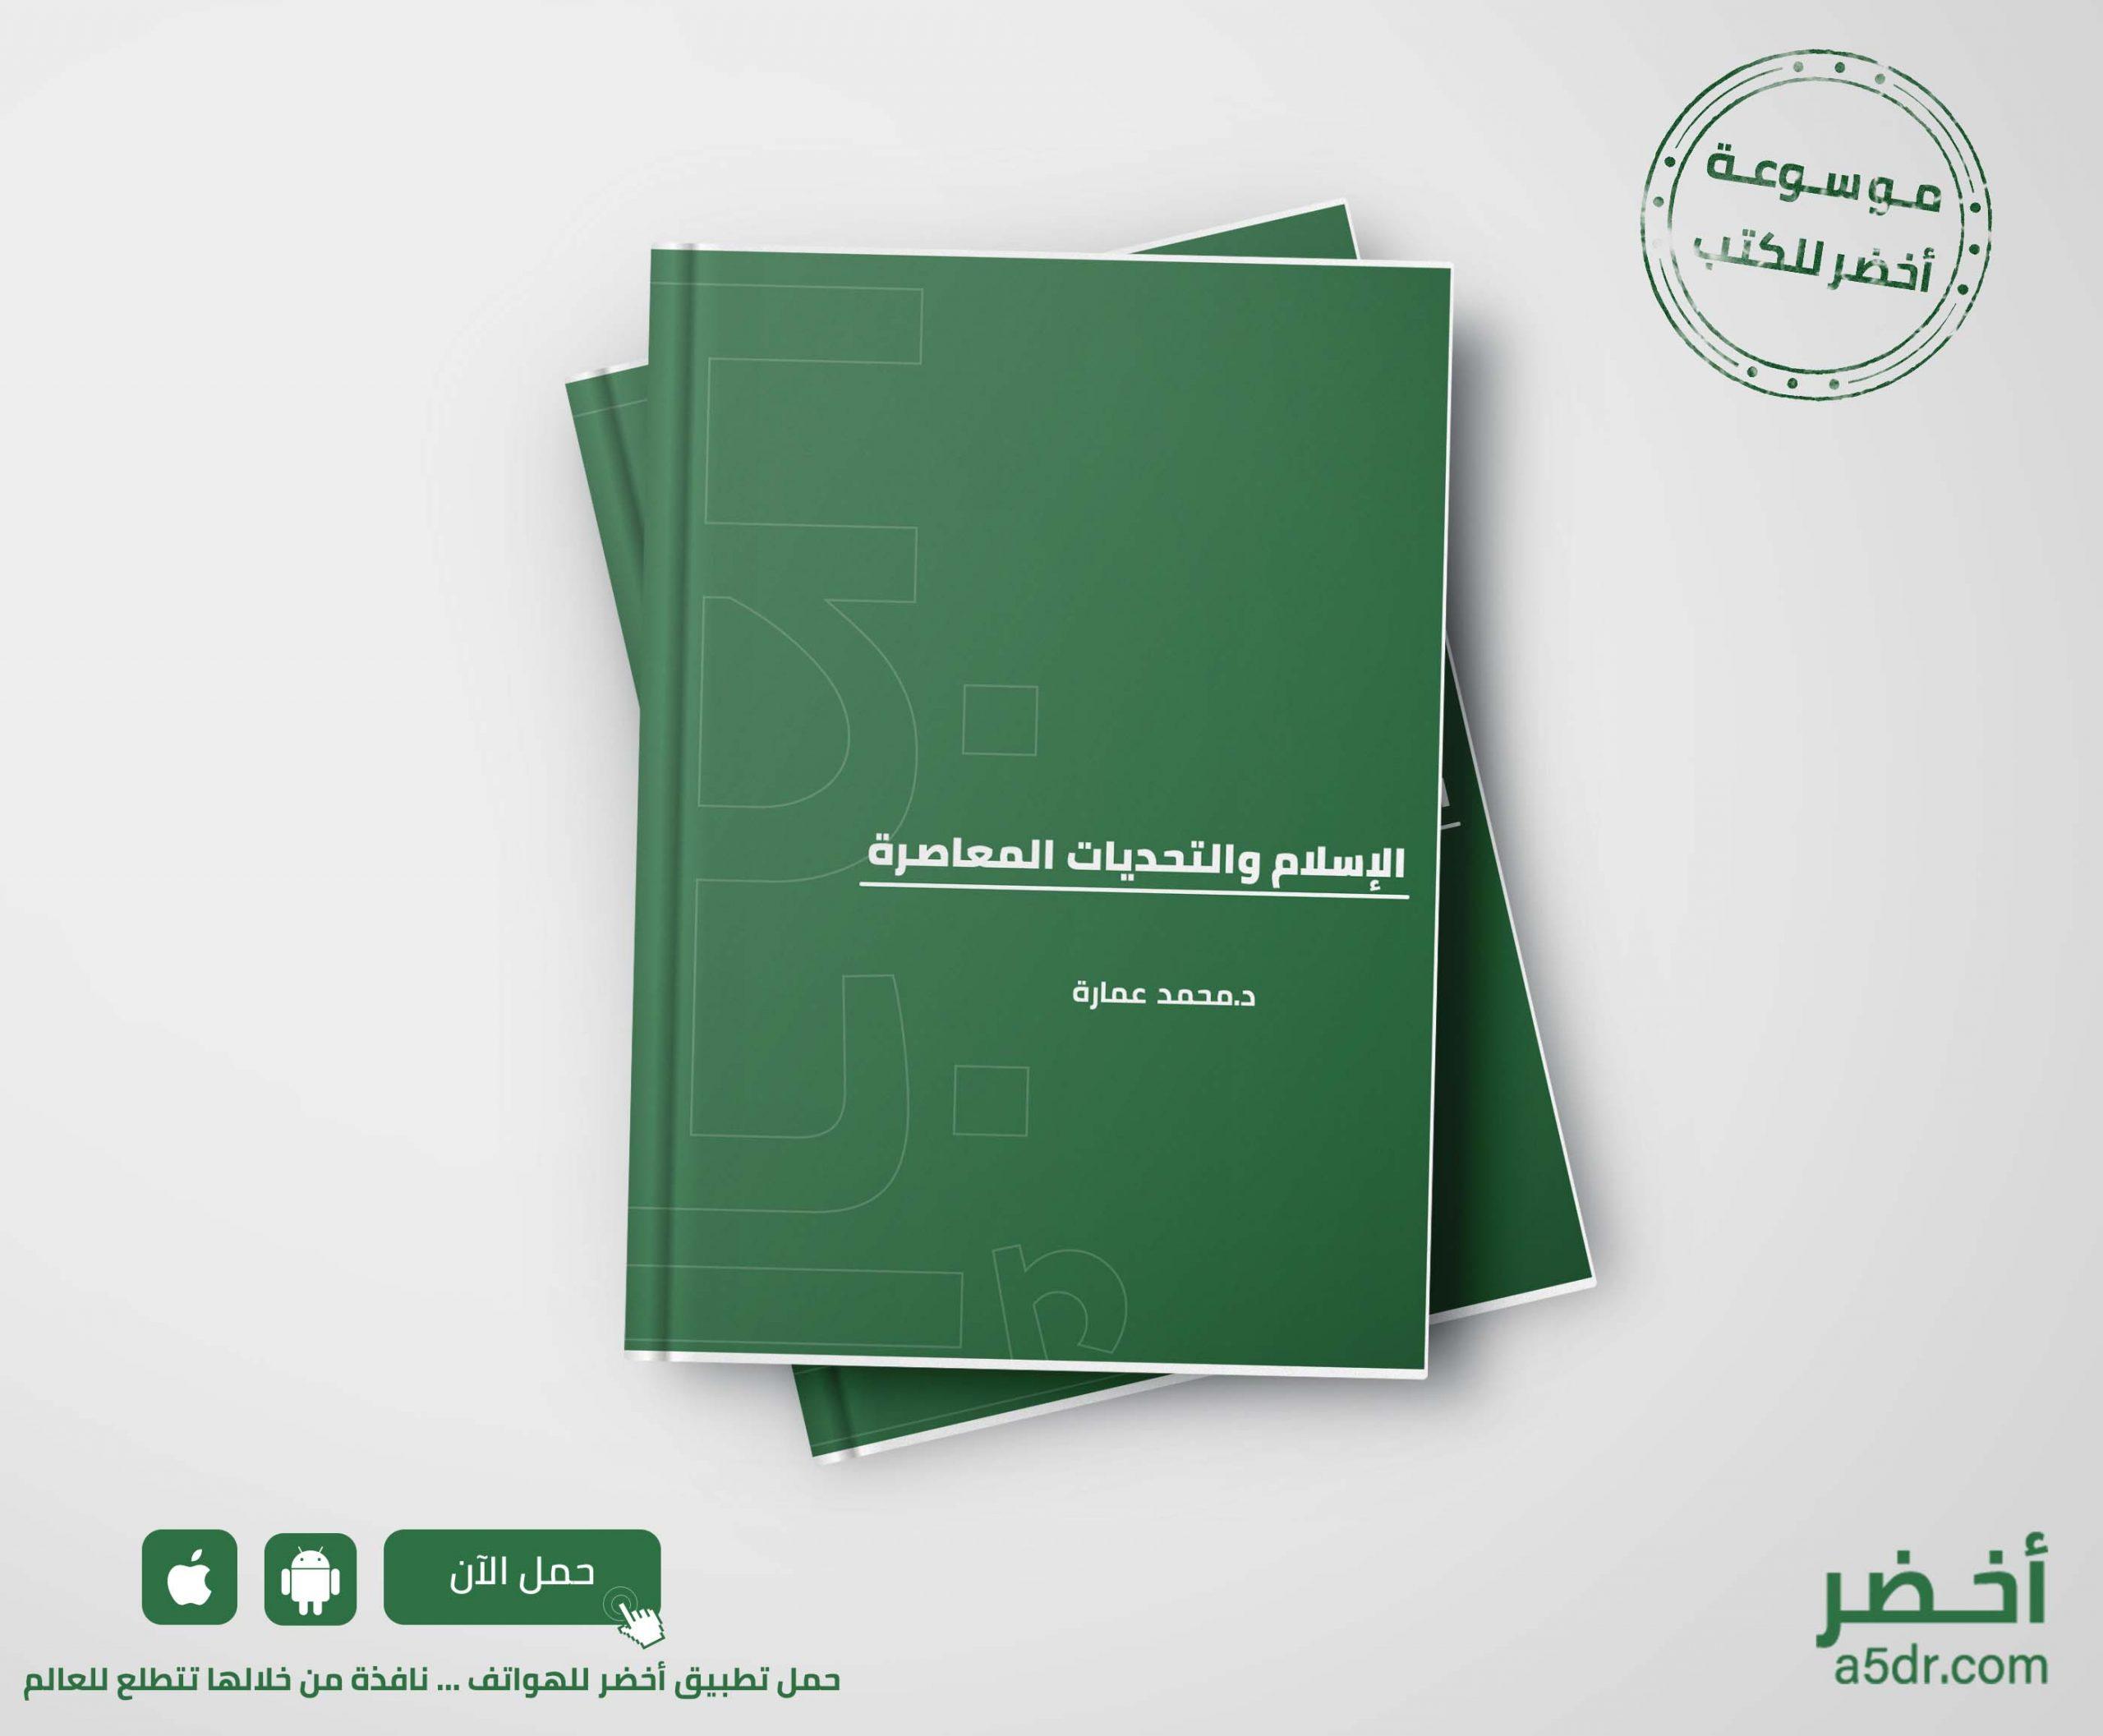 كتاب الإسلام والتحديات المعاصرة - محمد عمارة